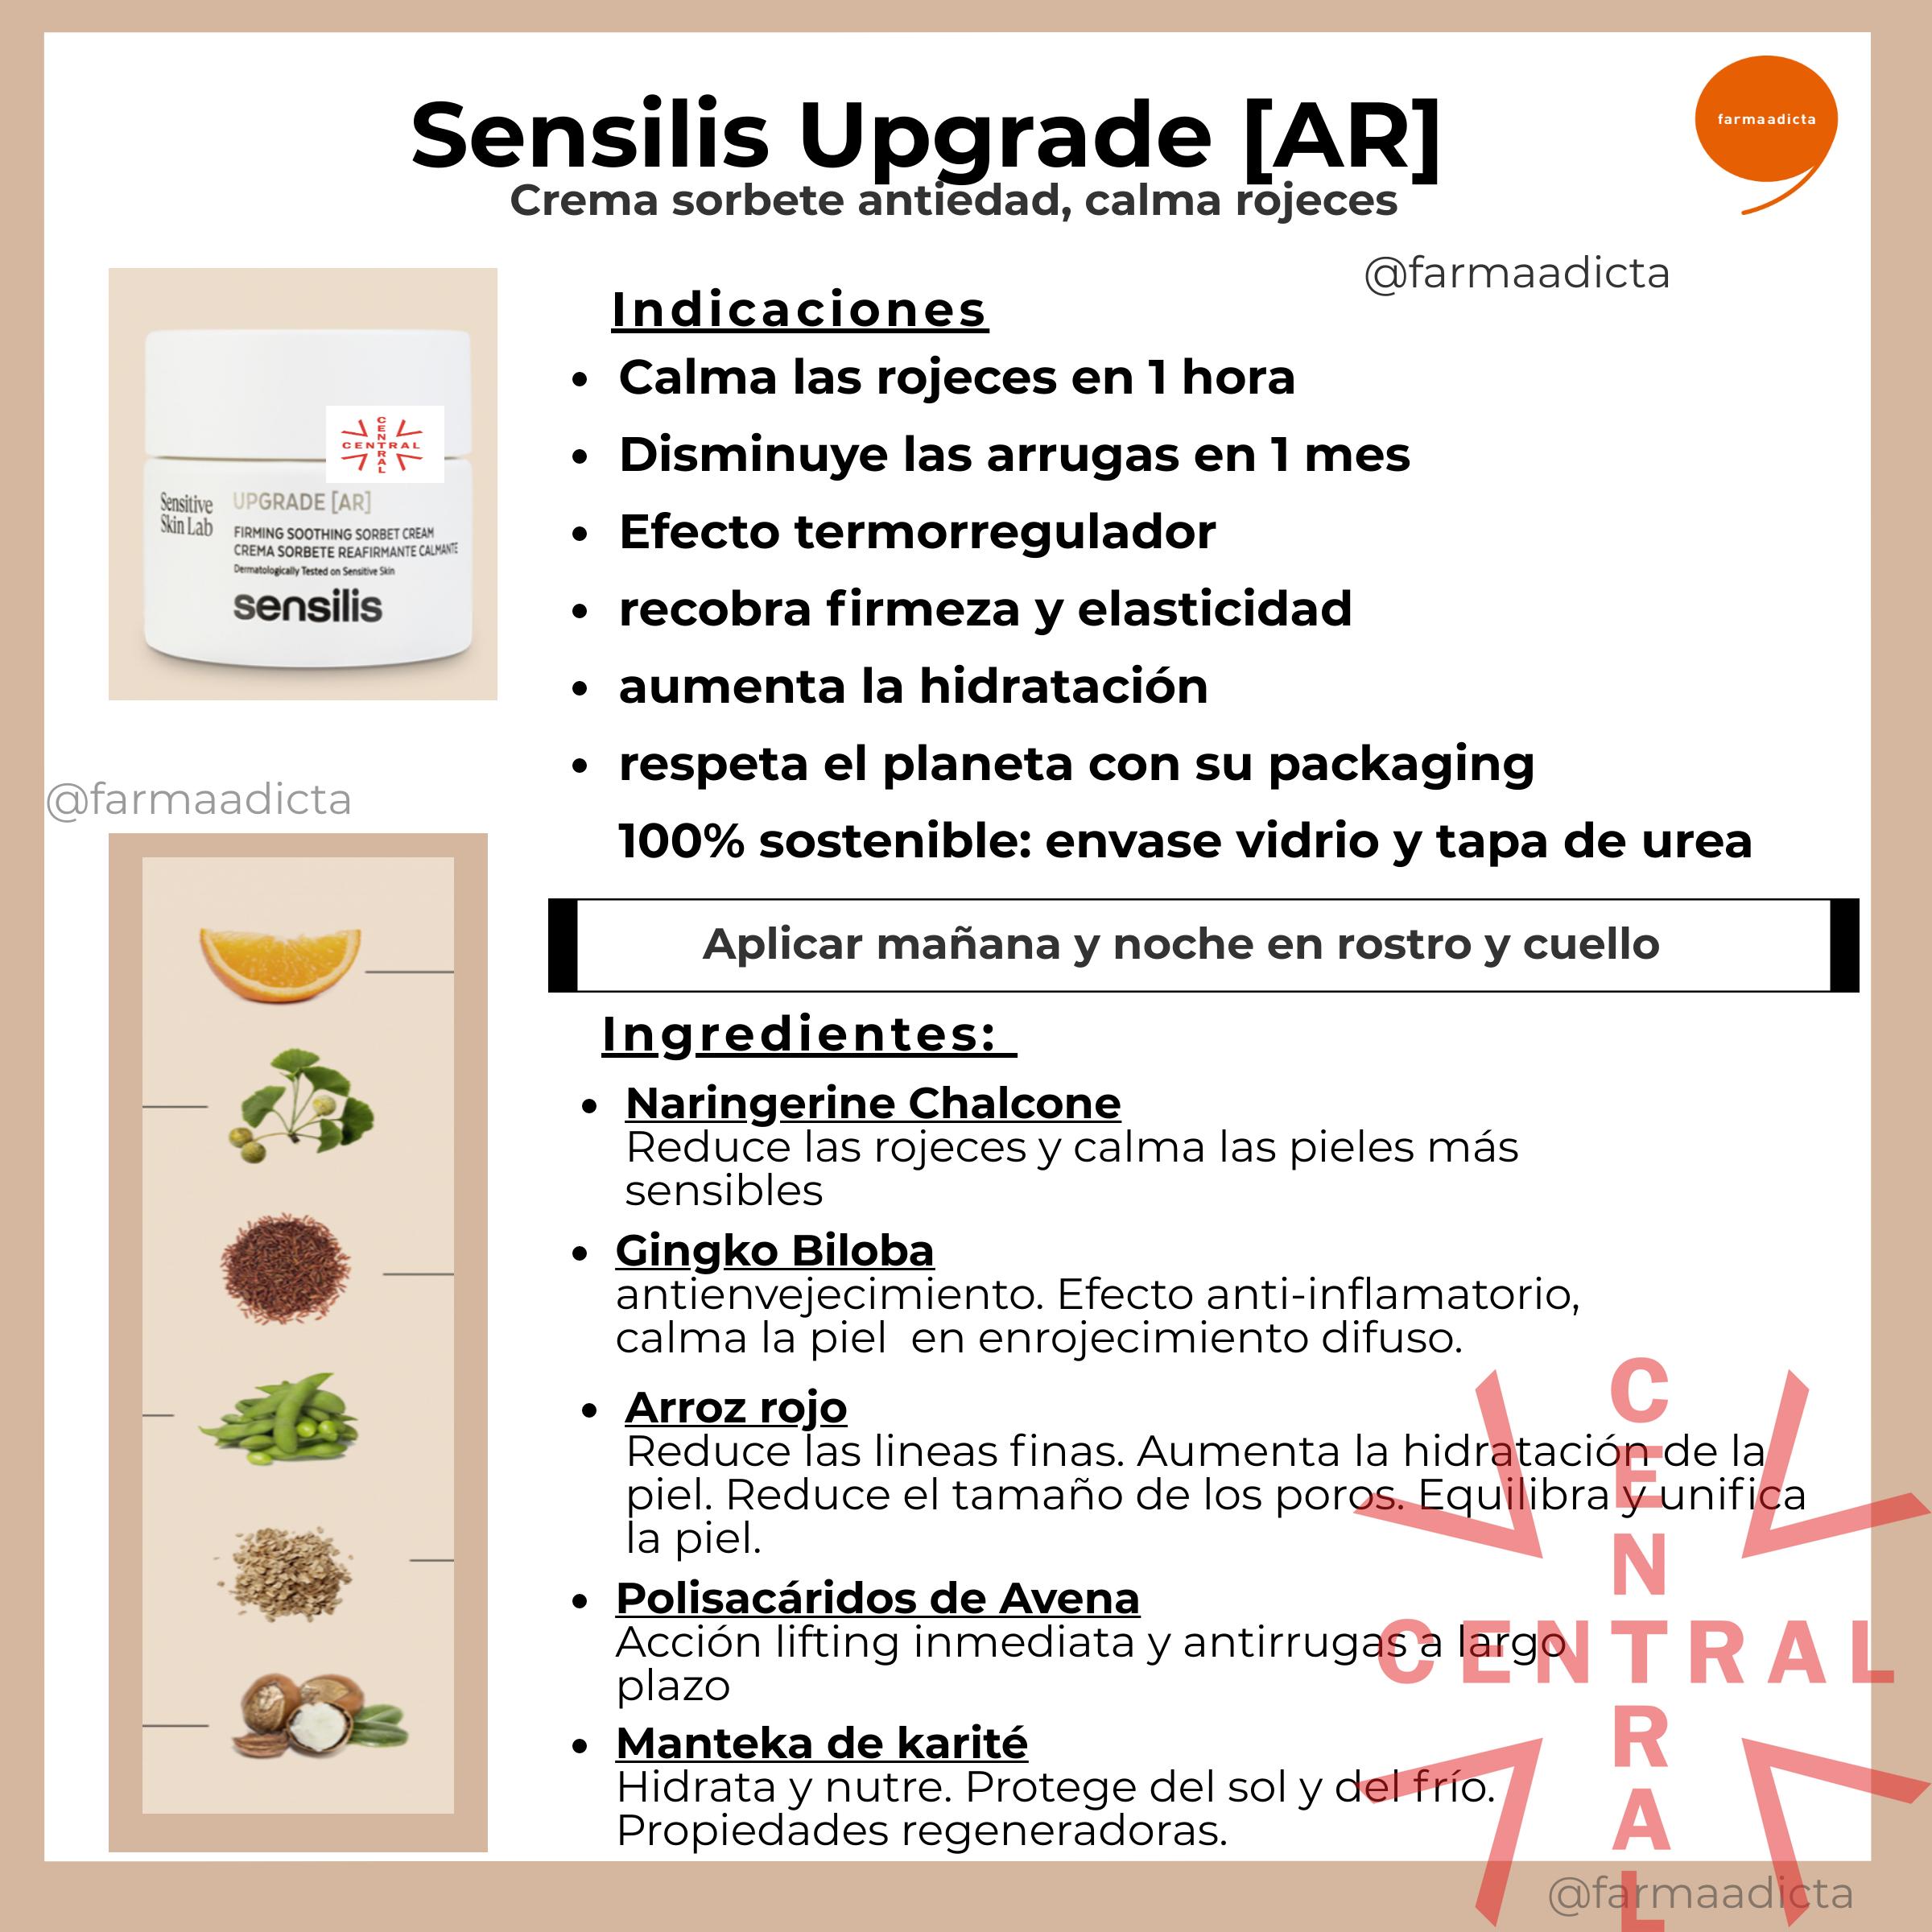 Infografia sensilis